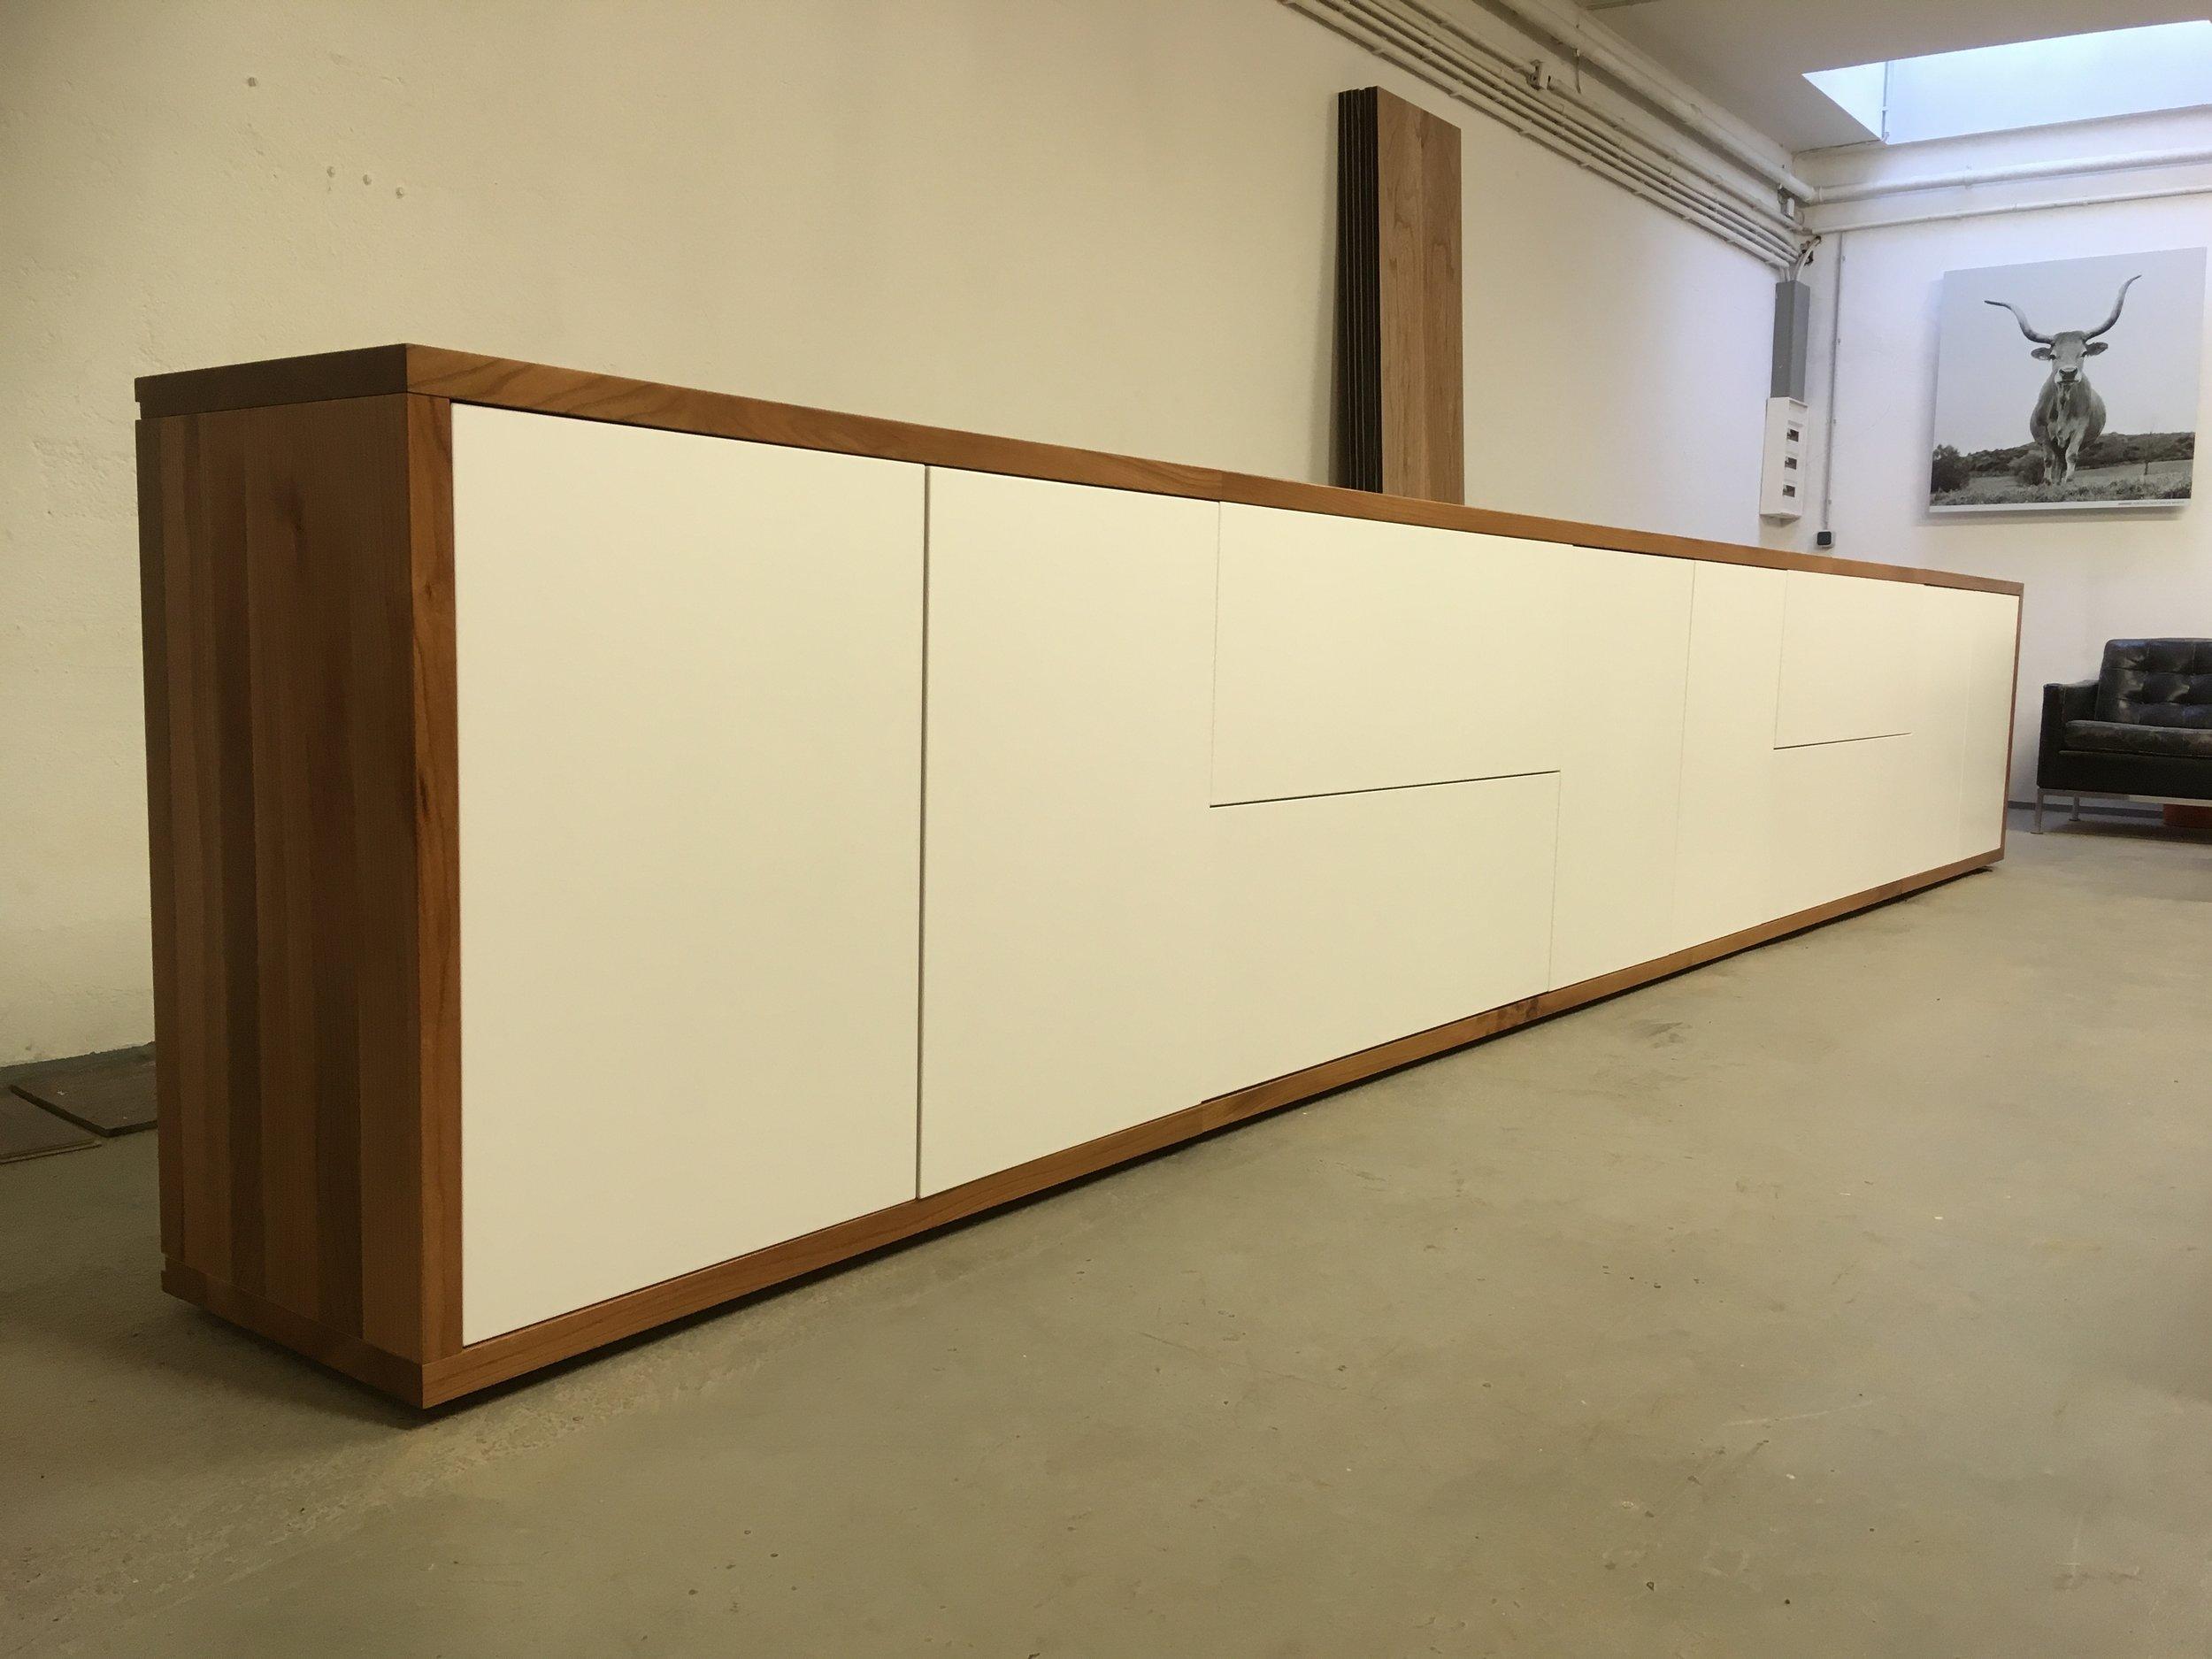 Longboard aus Rüster Valchromat schwarz und weiß lackiertem MDF ca 6 m lang 5500 Euro inklusiv Lieferung in Aachen. Wir liefern in ganz Deutschland.